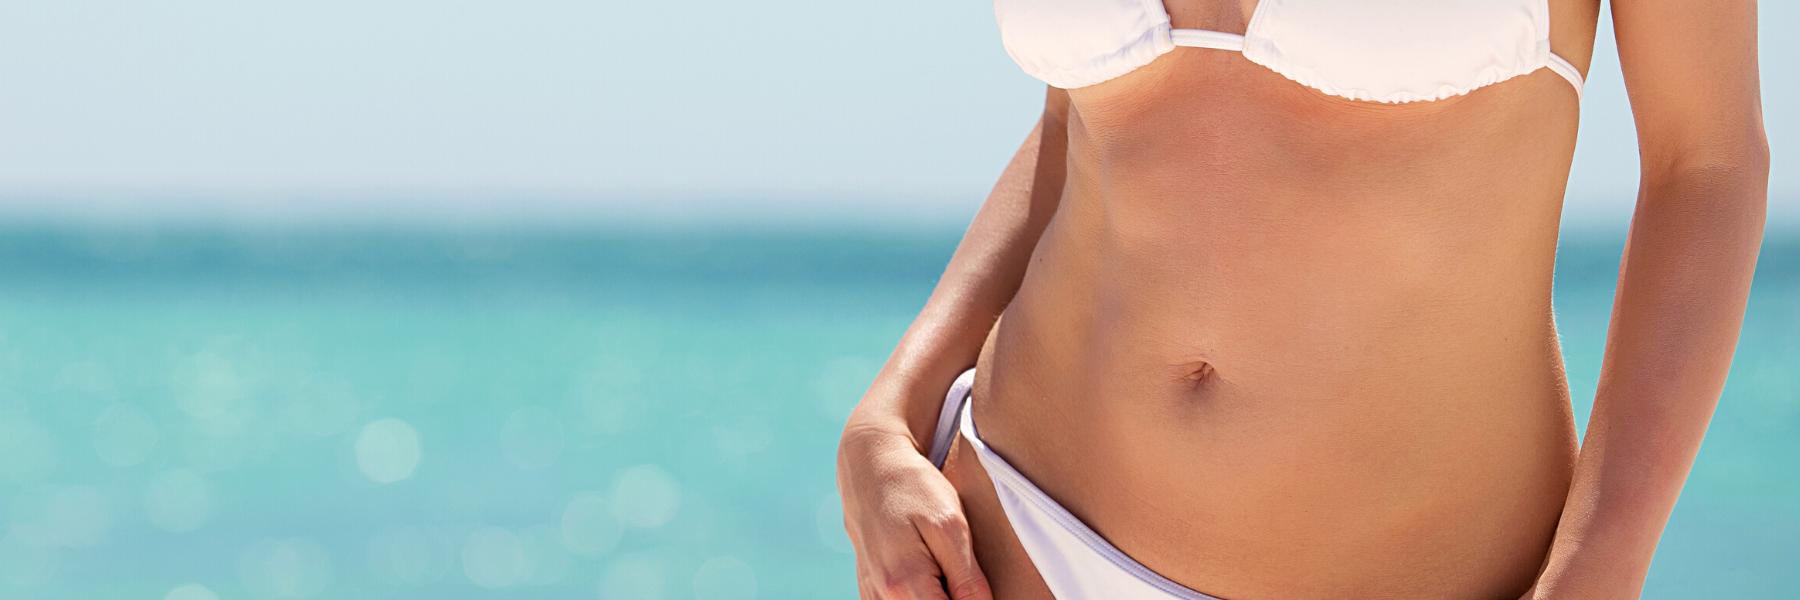 sieviete pēc tauku atsūkšanas